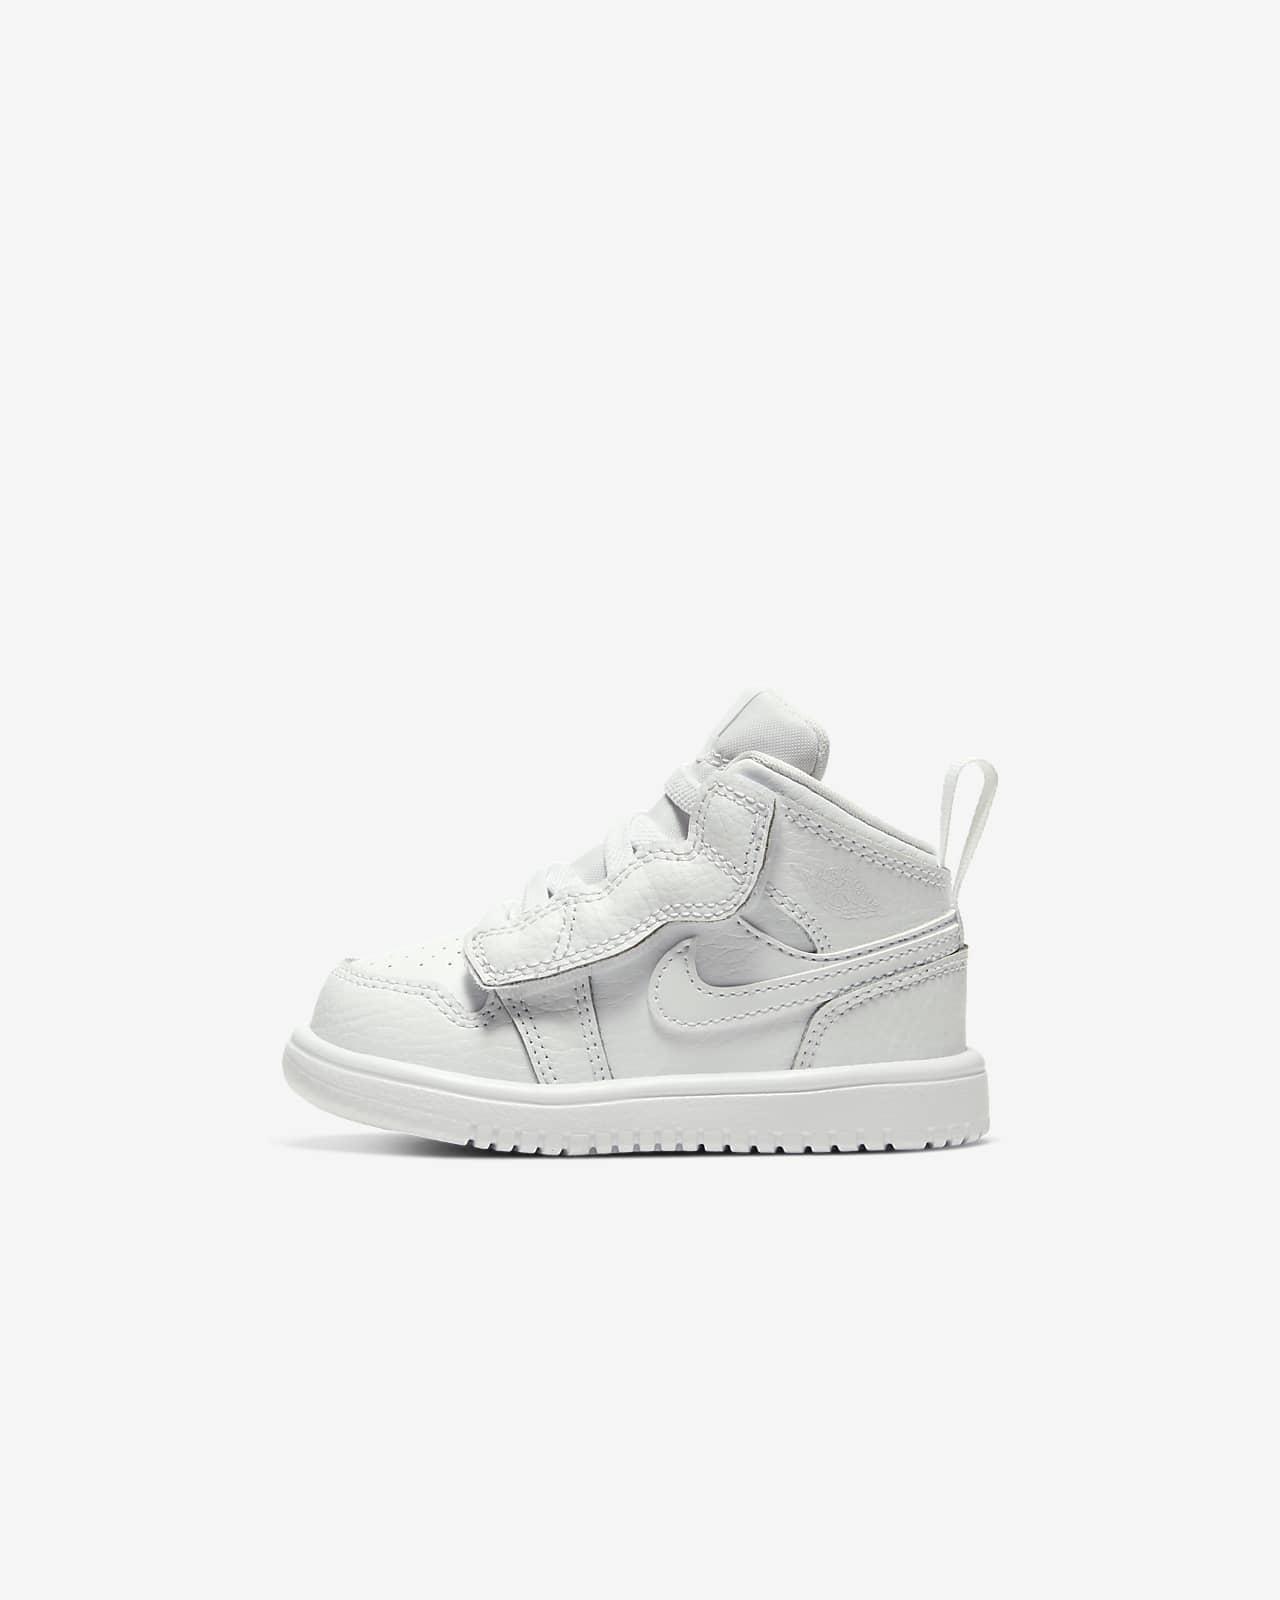 Jordan 1 Mid-sko til babyer/småbørn